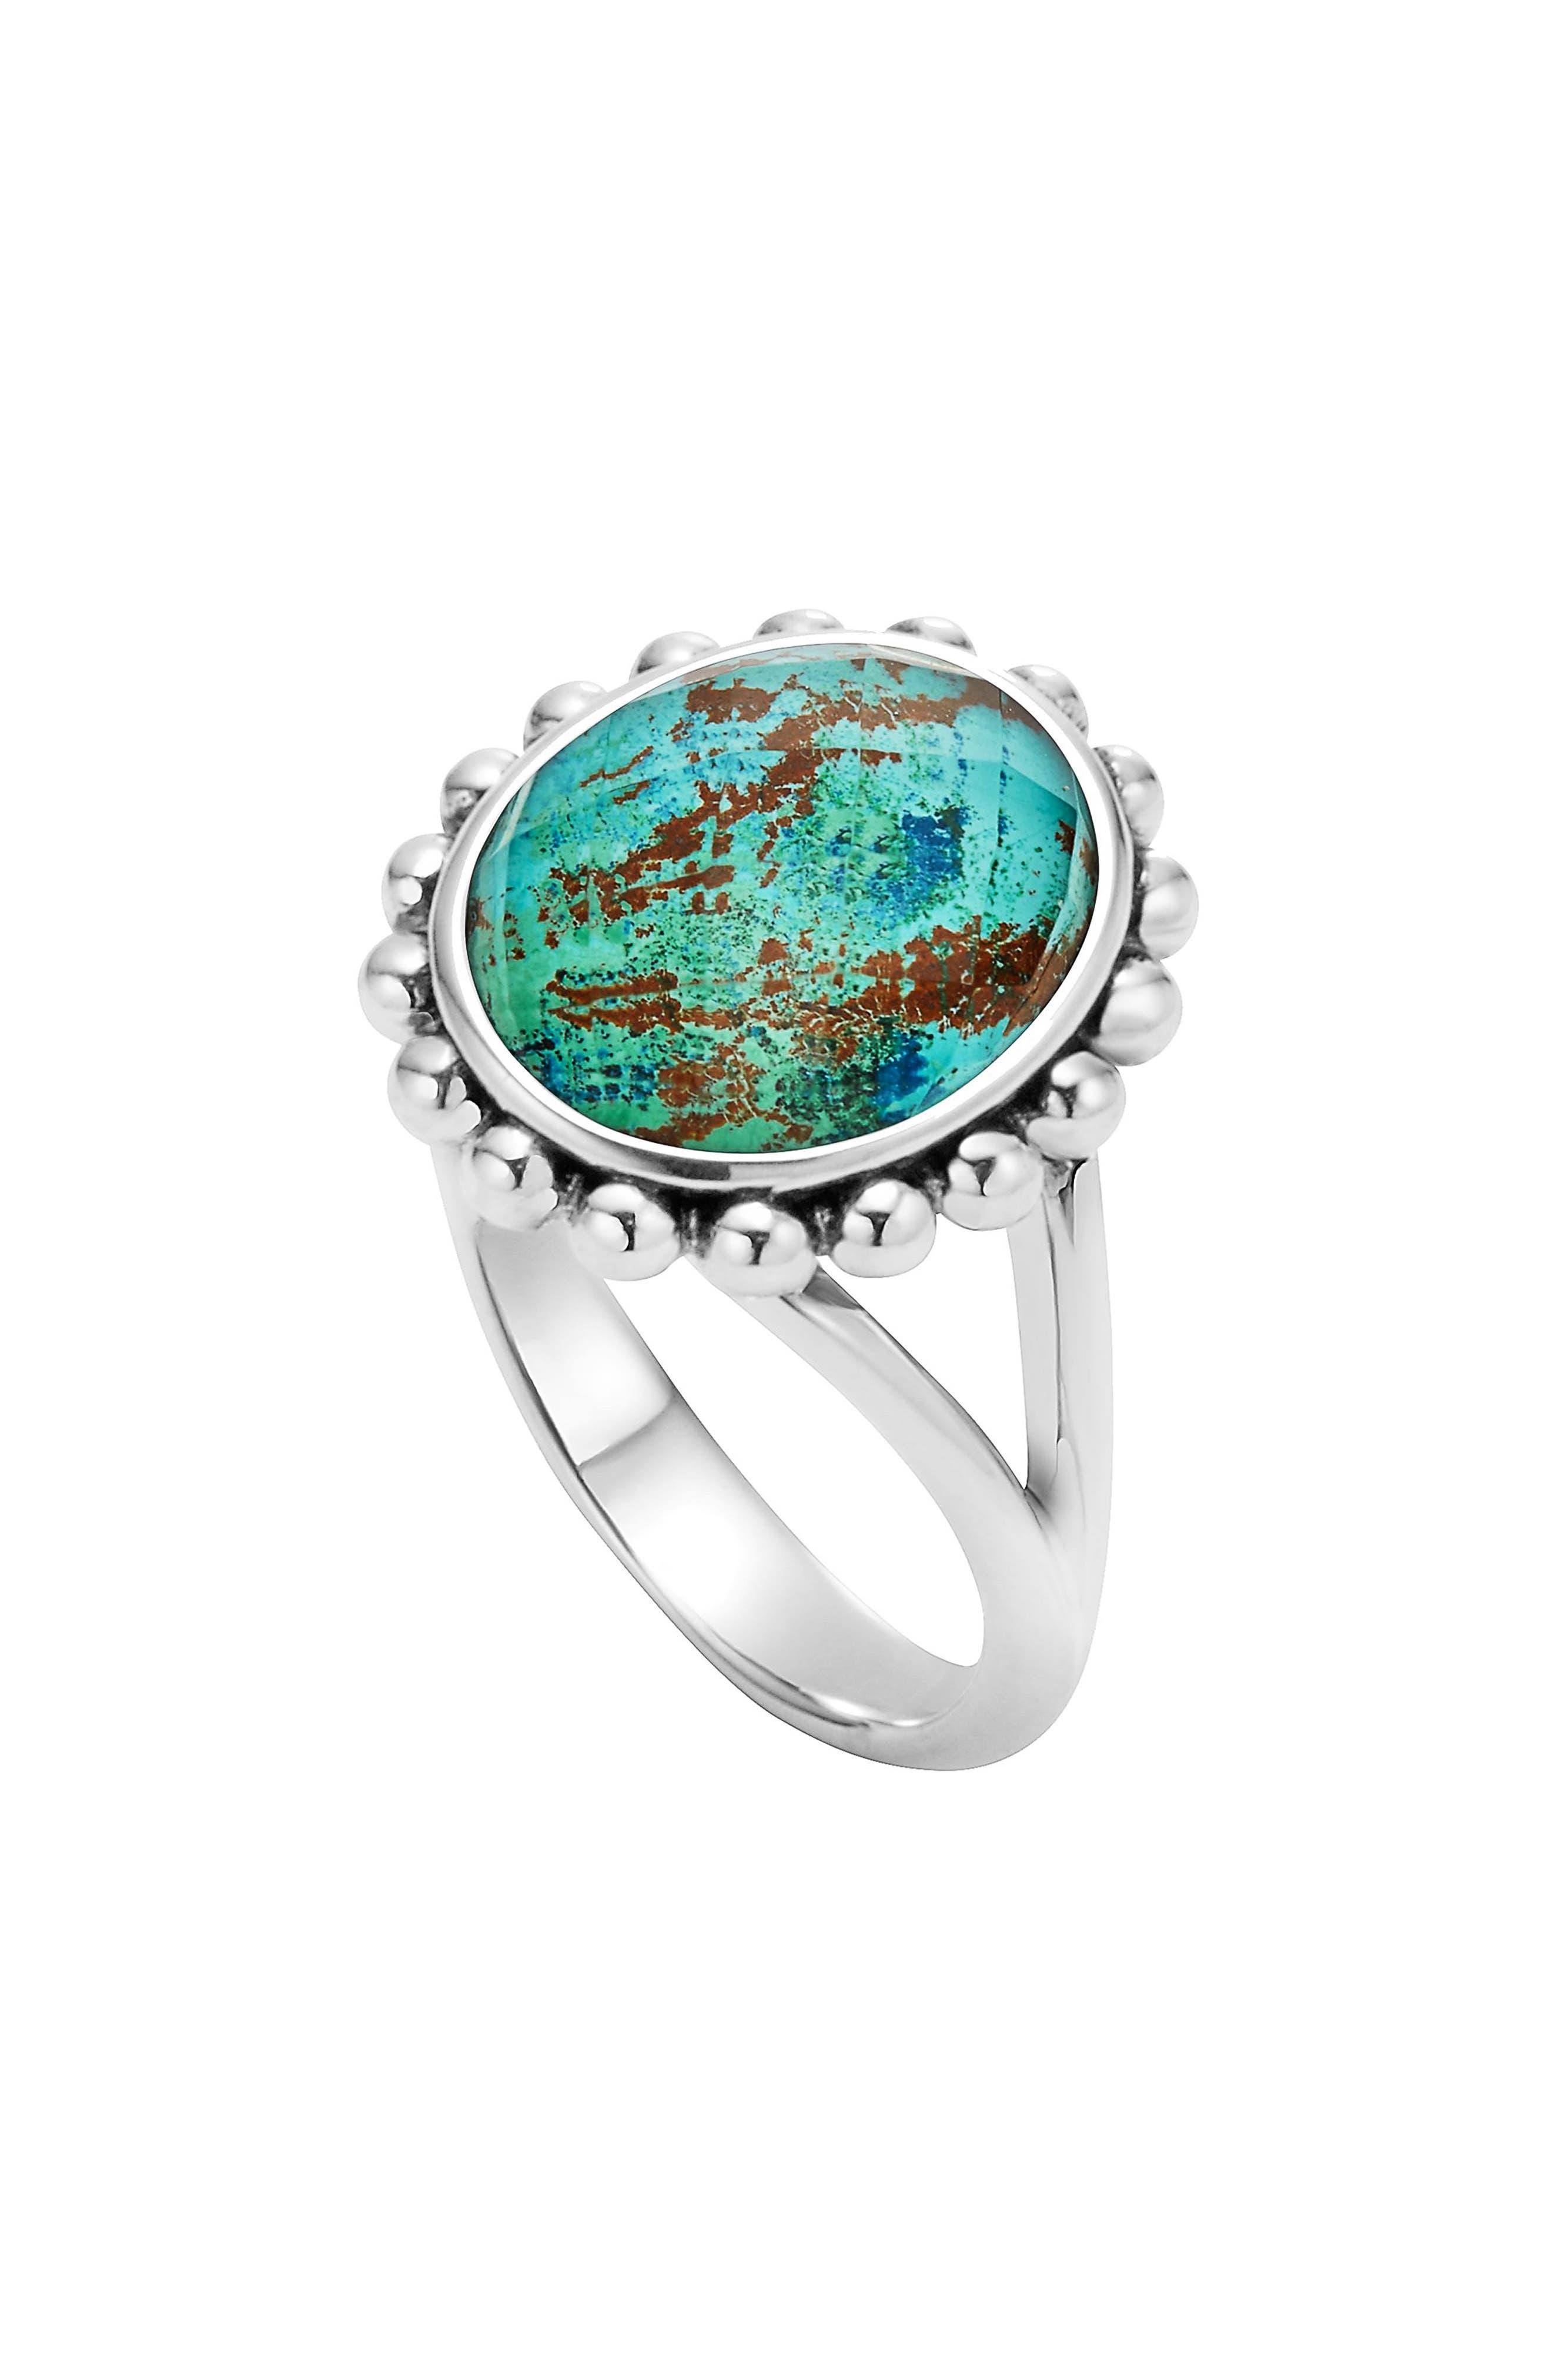 Main Image - LAGOS 'Maya' Small Doublet Ring